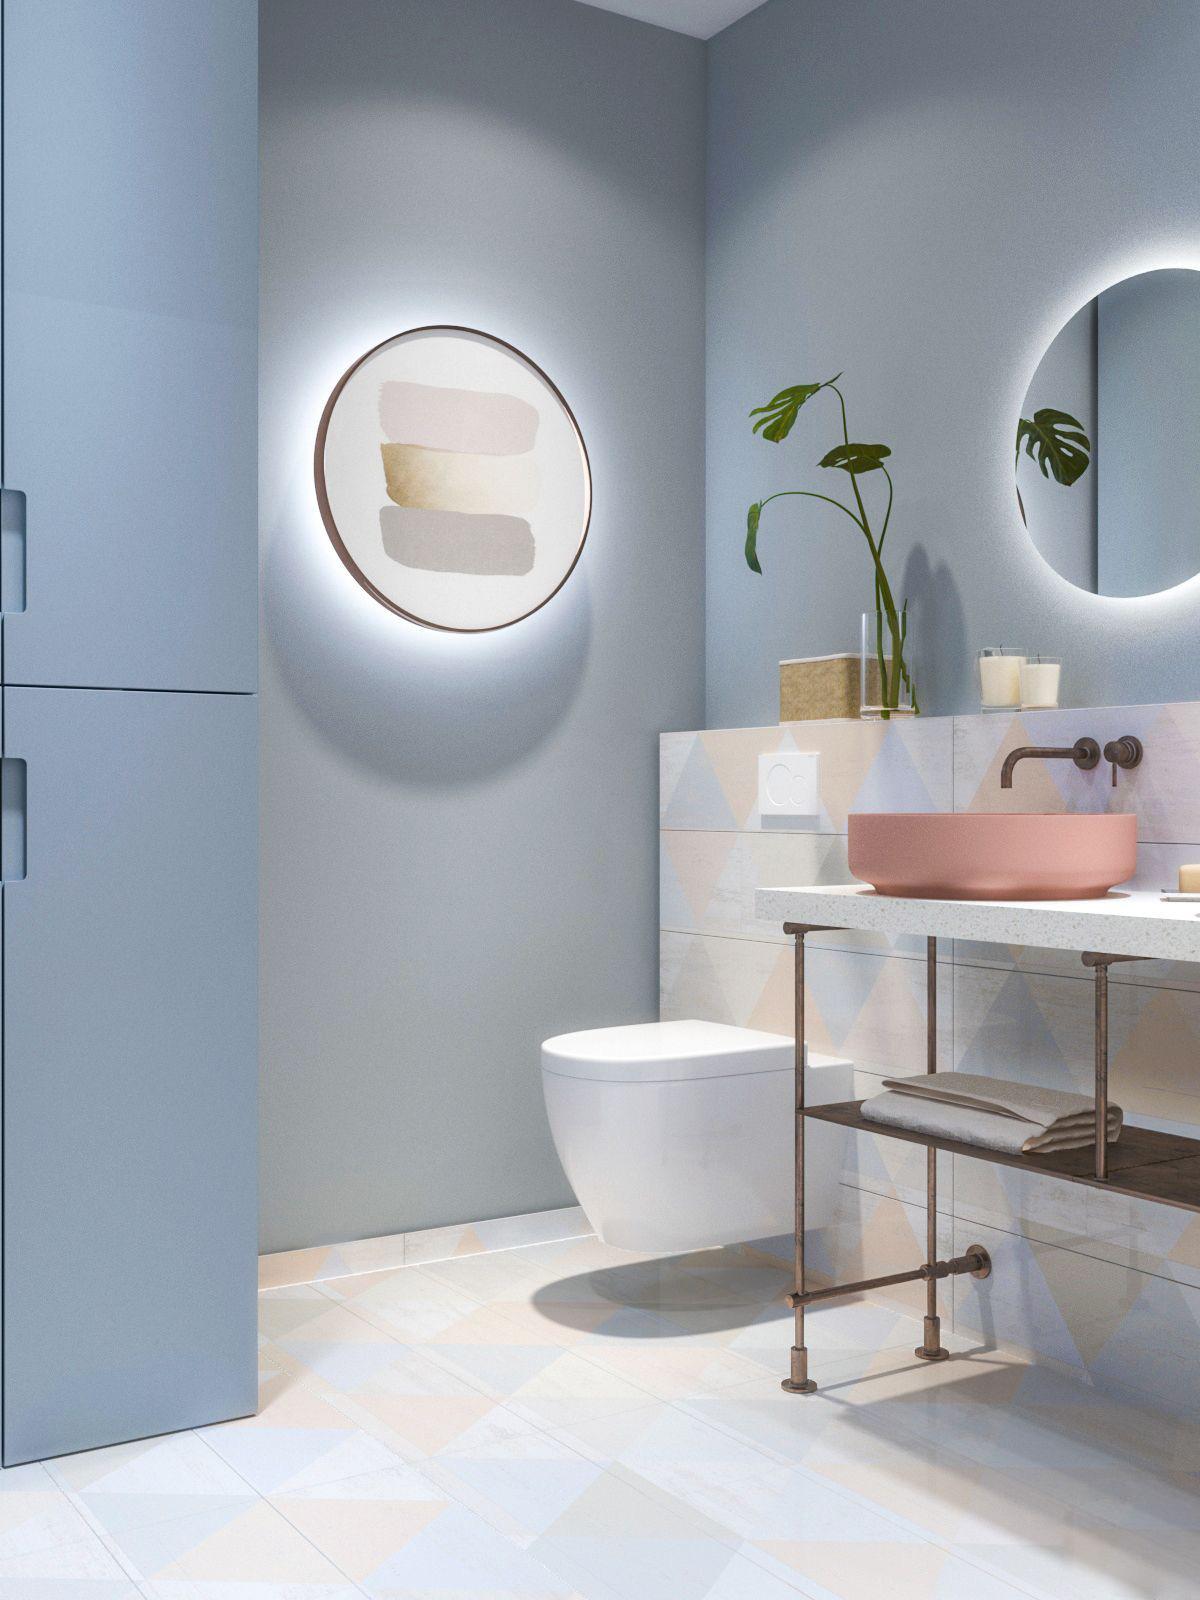 Ấn tượng với kiến trúc sư tư vấn thiết kế căn hộ 60m2 màu pastel với chi phí không quá 150 triệu đồng - Ảnh 11.